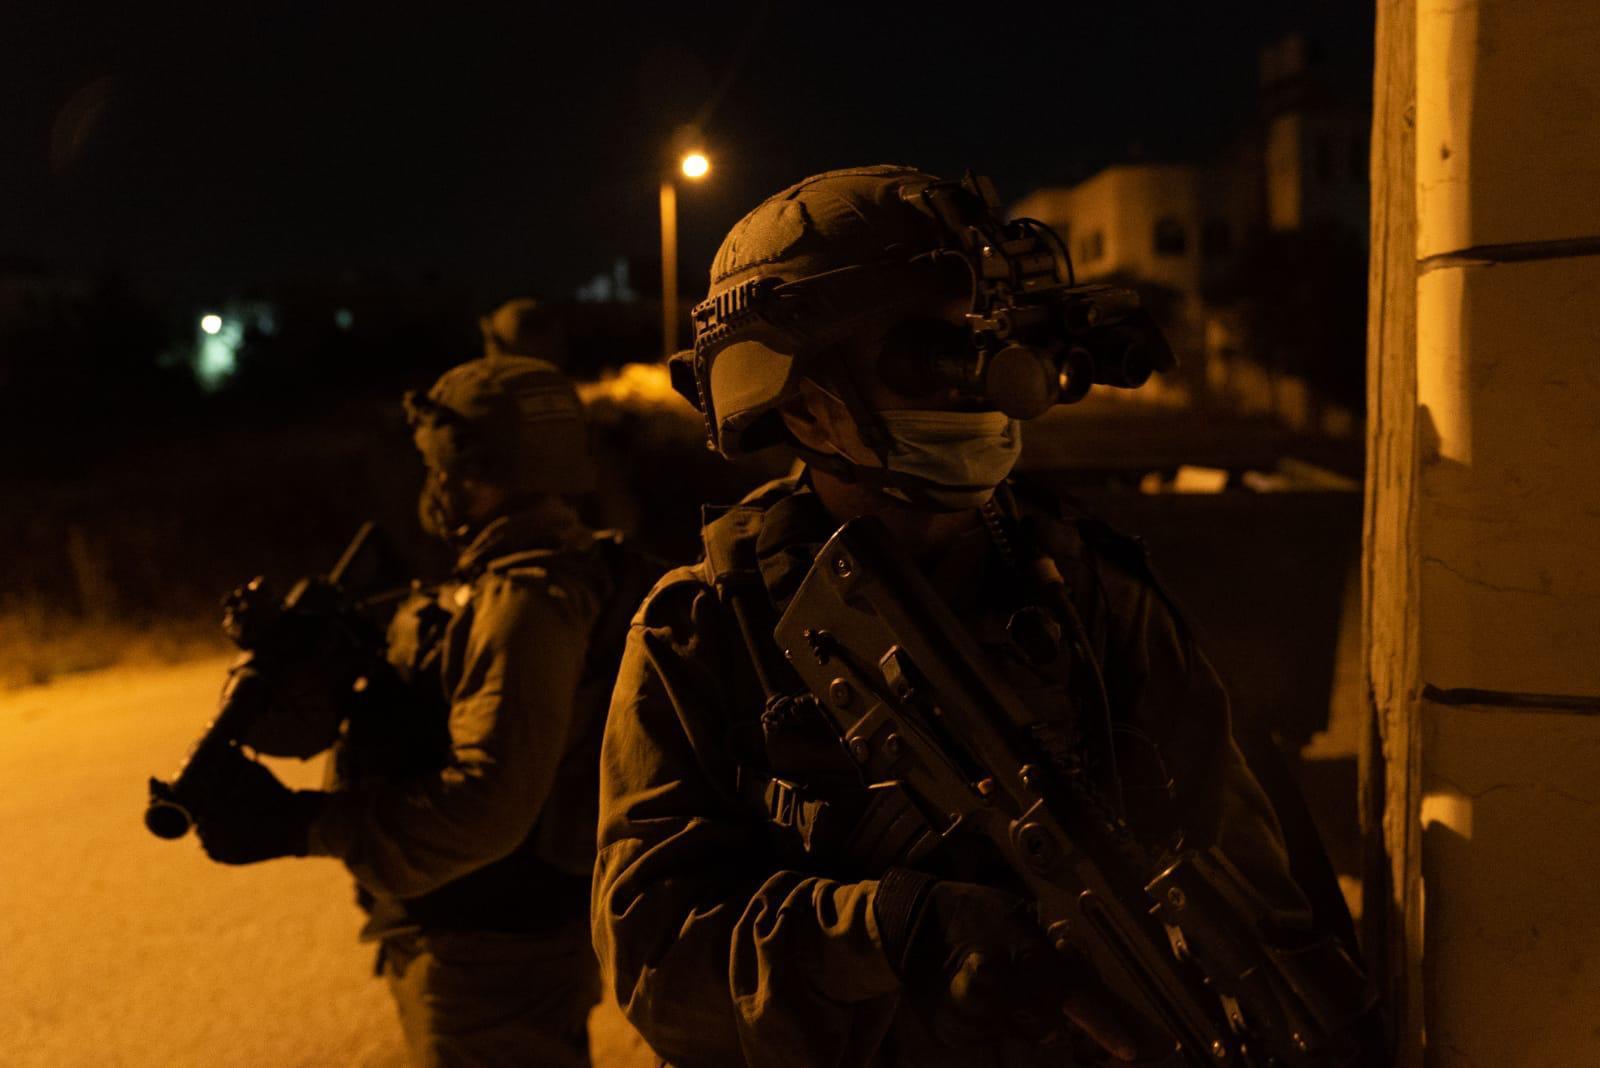 כוחותינו מגדוד 53 תפסו חשודים שהגיעו להשליך בקת״בים בגזרת החטיבה המרחבית עציון